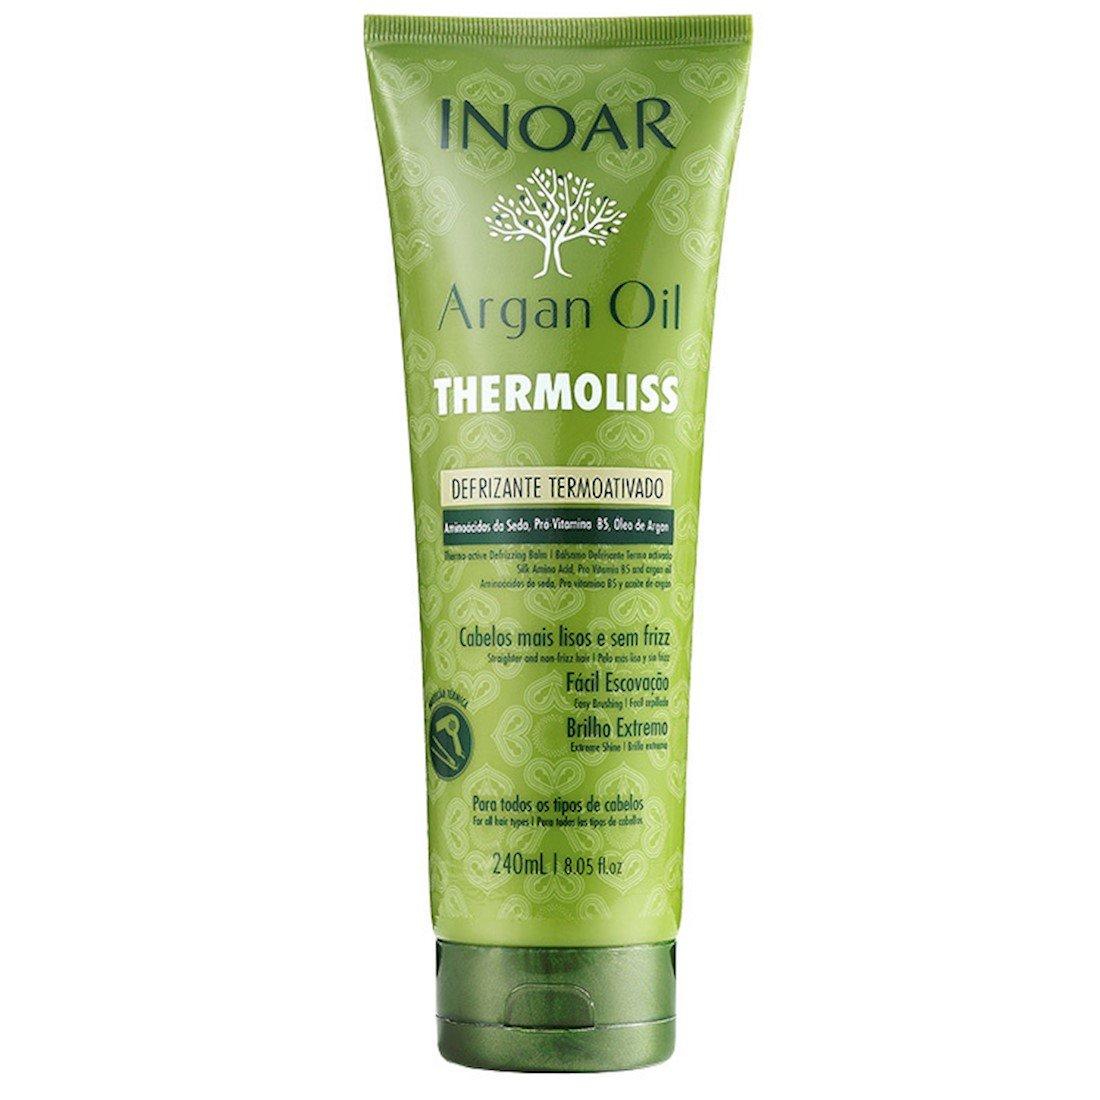 INOAR Argan Oil Thermoliss - Defrizante Termoativado (240 ml)